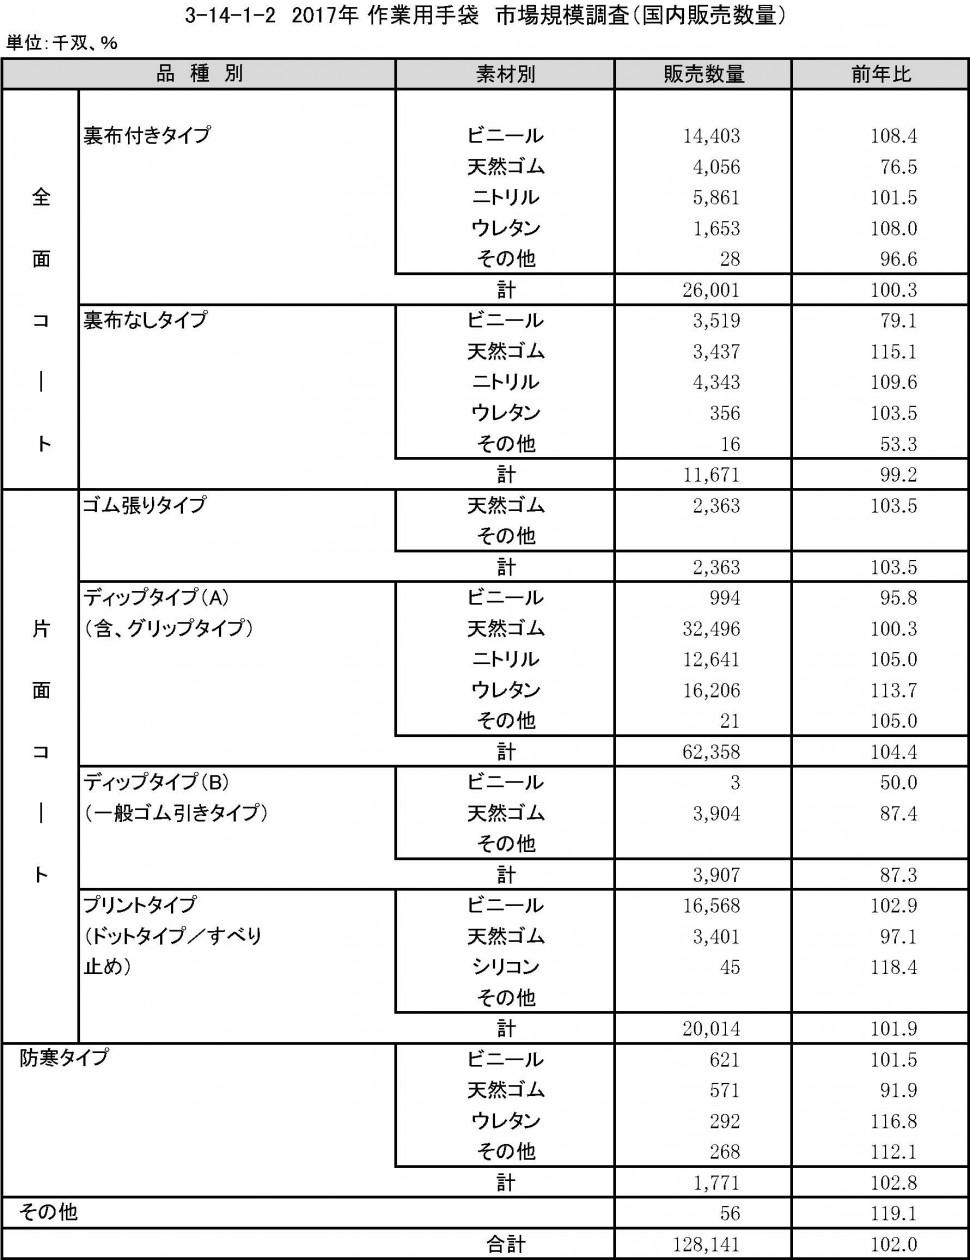 3-14-1-2 作業用手袋国内販売数量